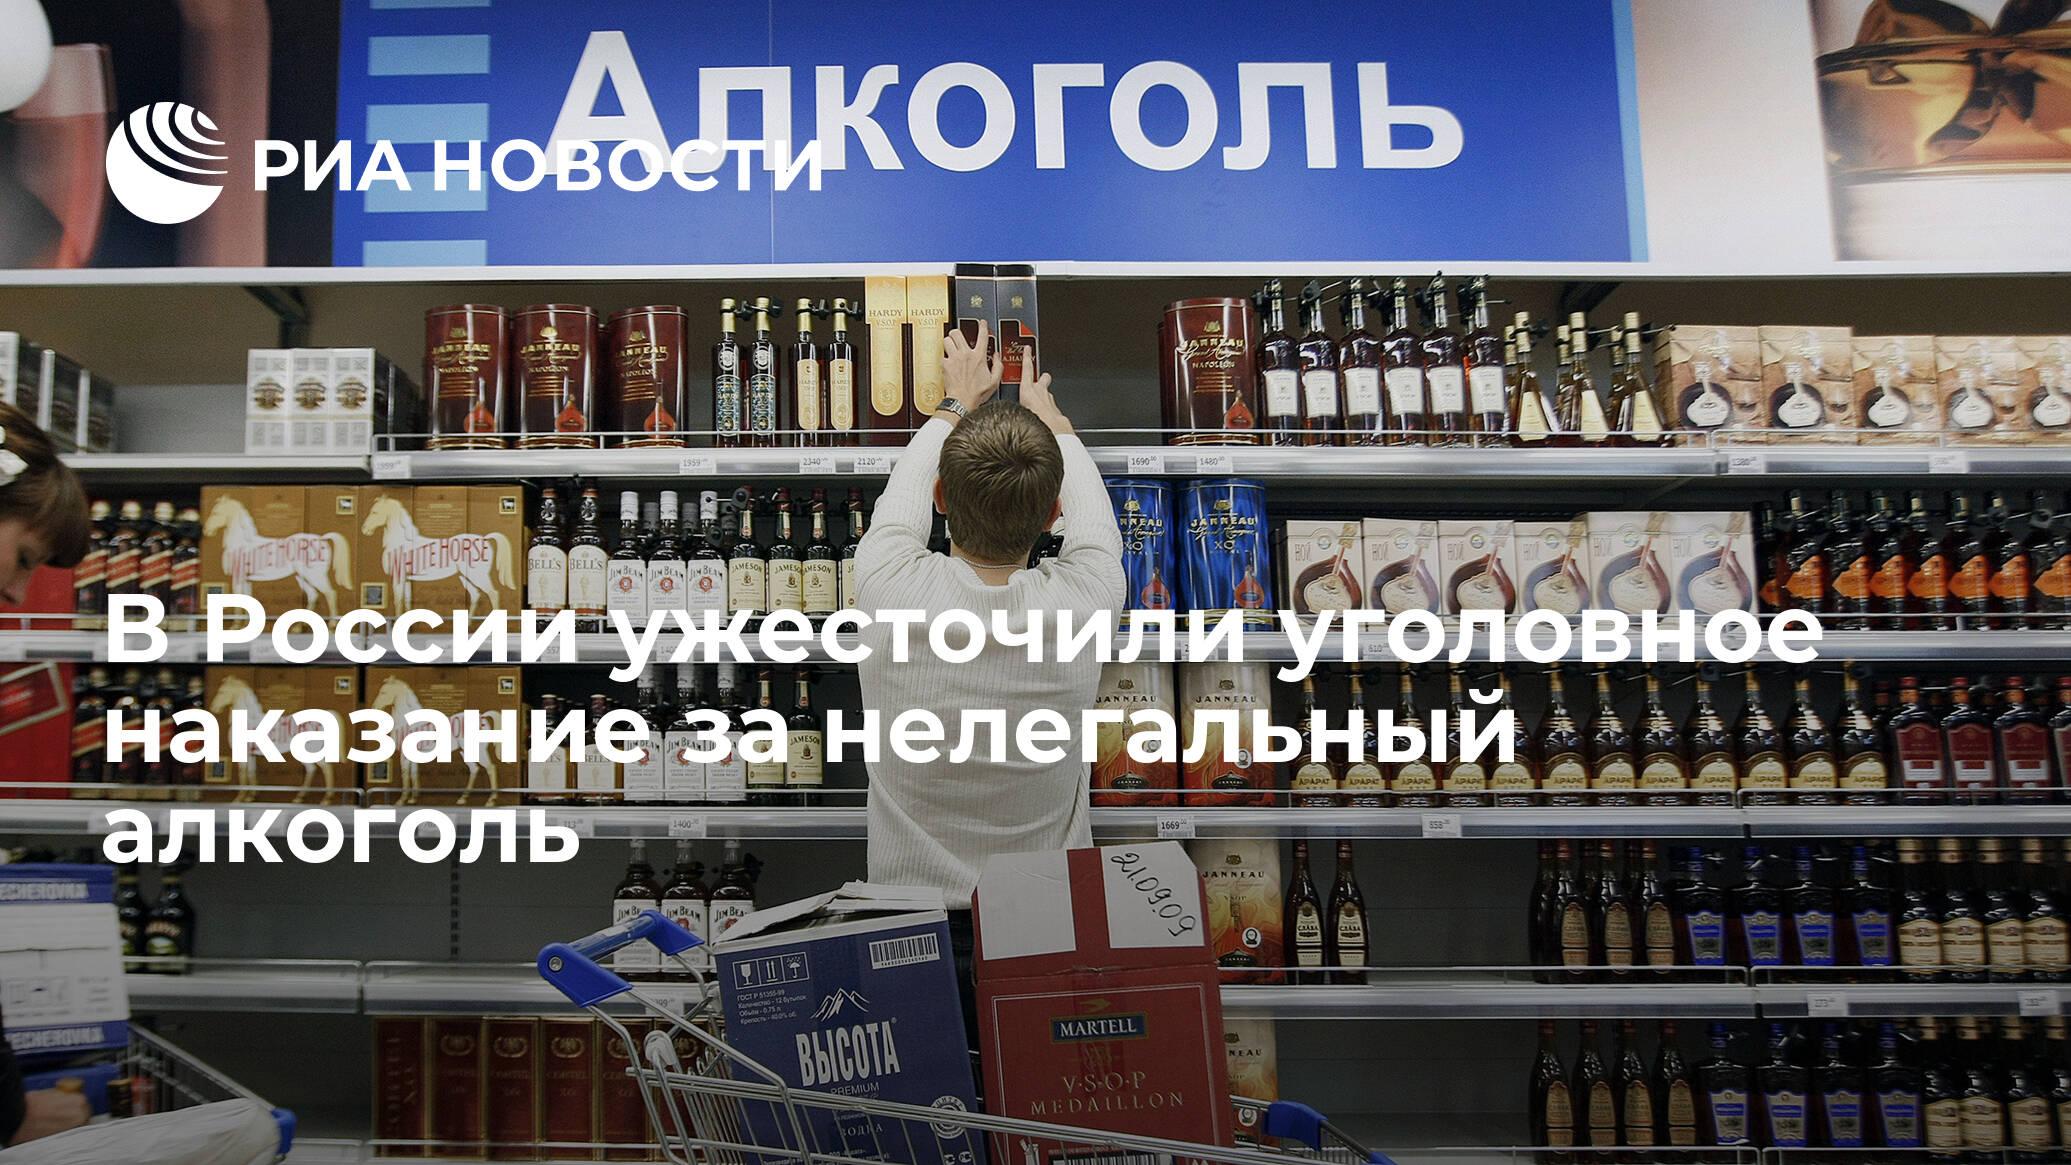 Производства и оборота этилового спирта и алкогольной продукции производства табачных изделий купим сигареты президент